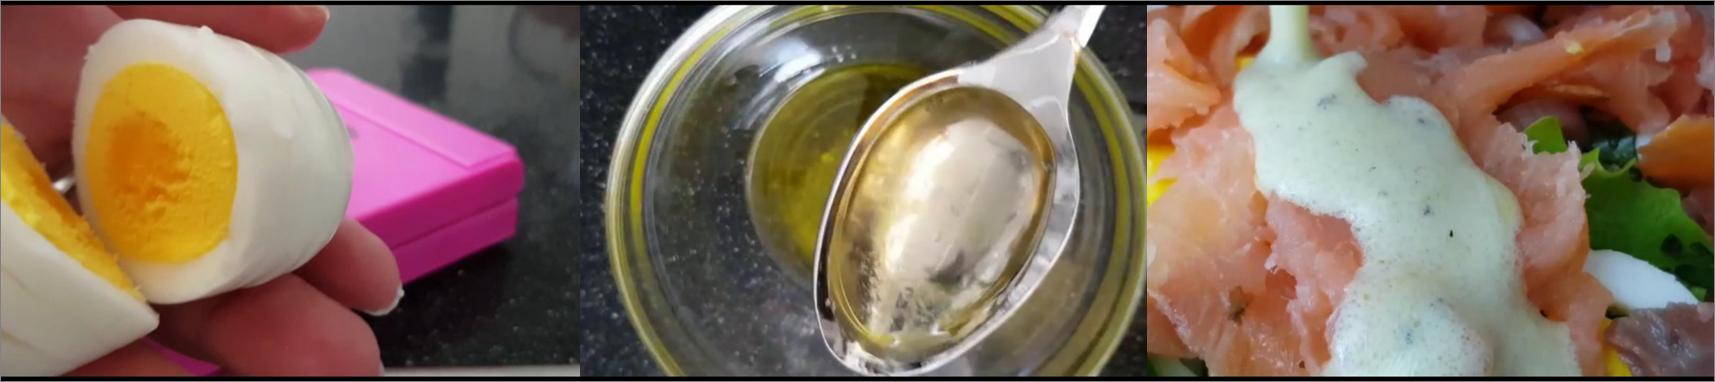 insalata con salmone passo passo 4